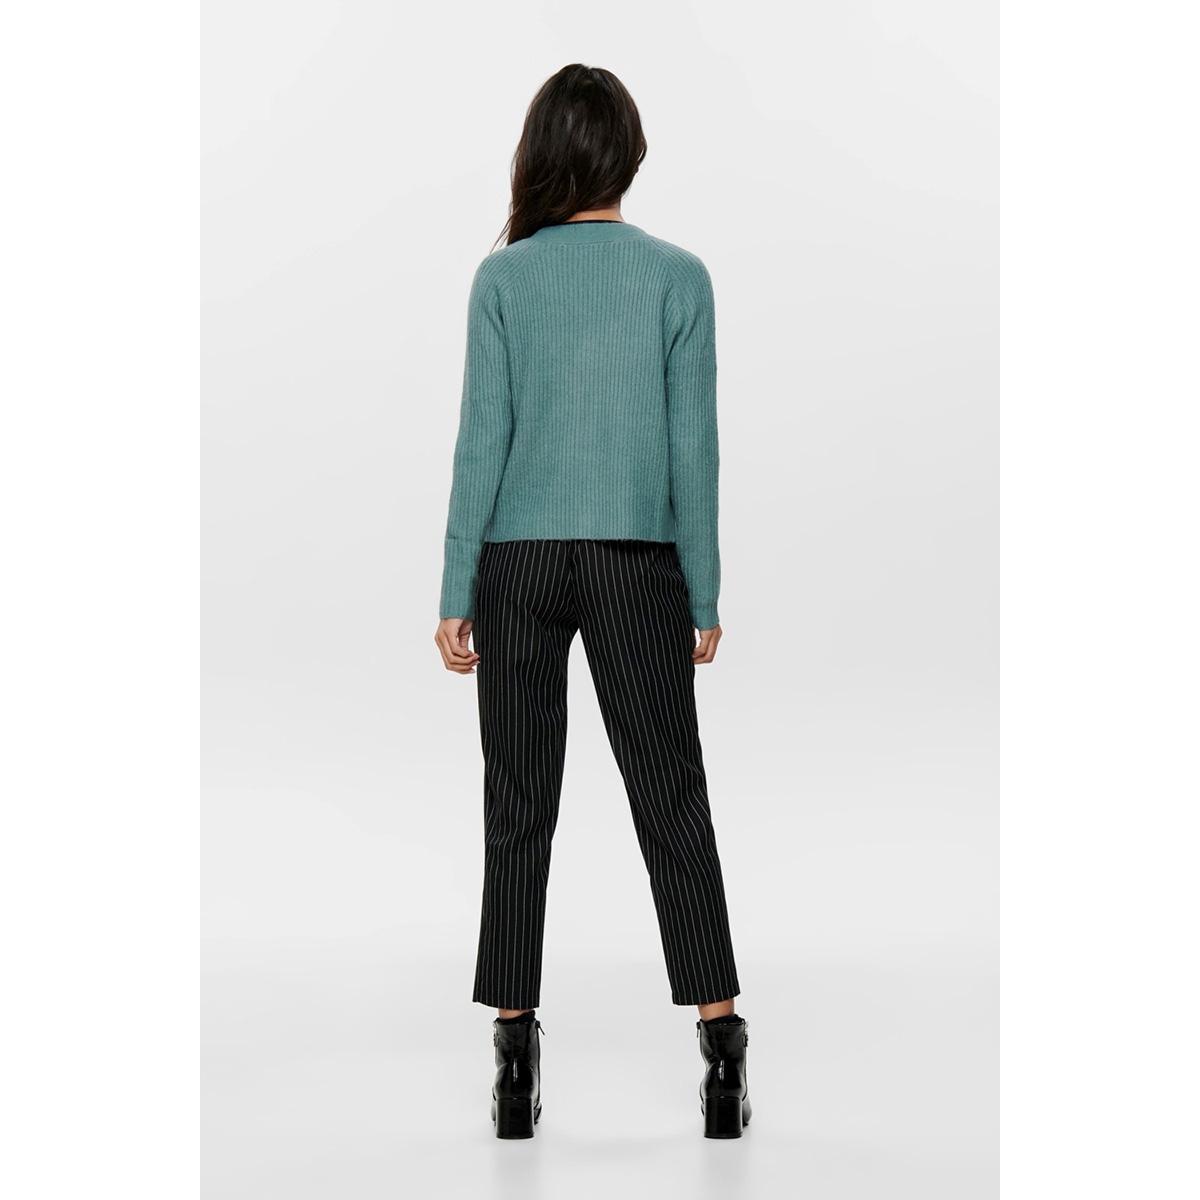 onlcarol l/s cardigan knt 15196734 only vest smoke blue/melange